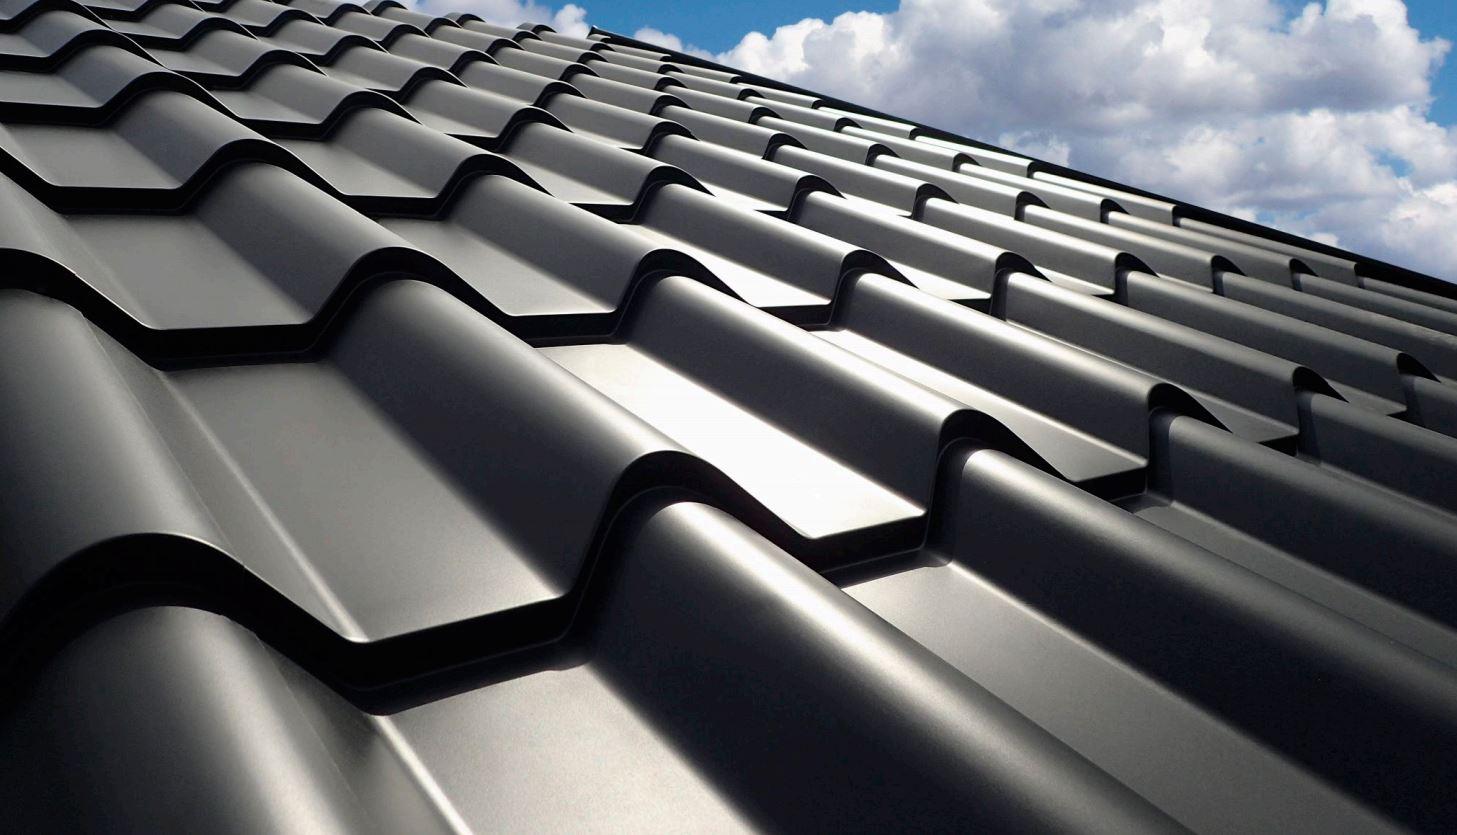 Blachodachówka VILANO na dachu